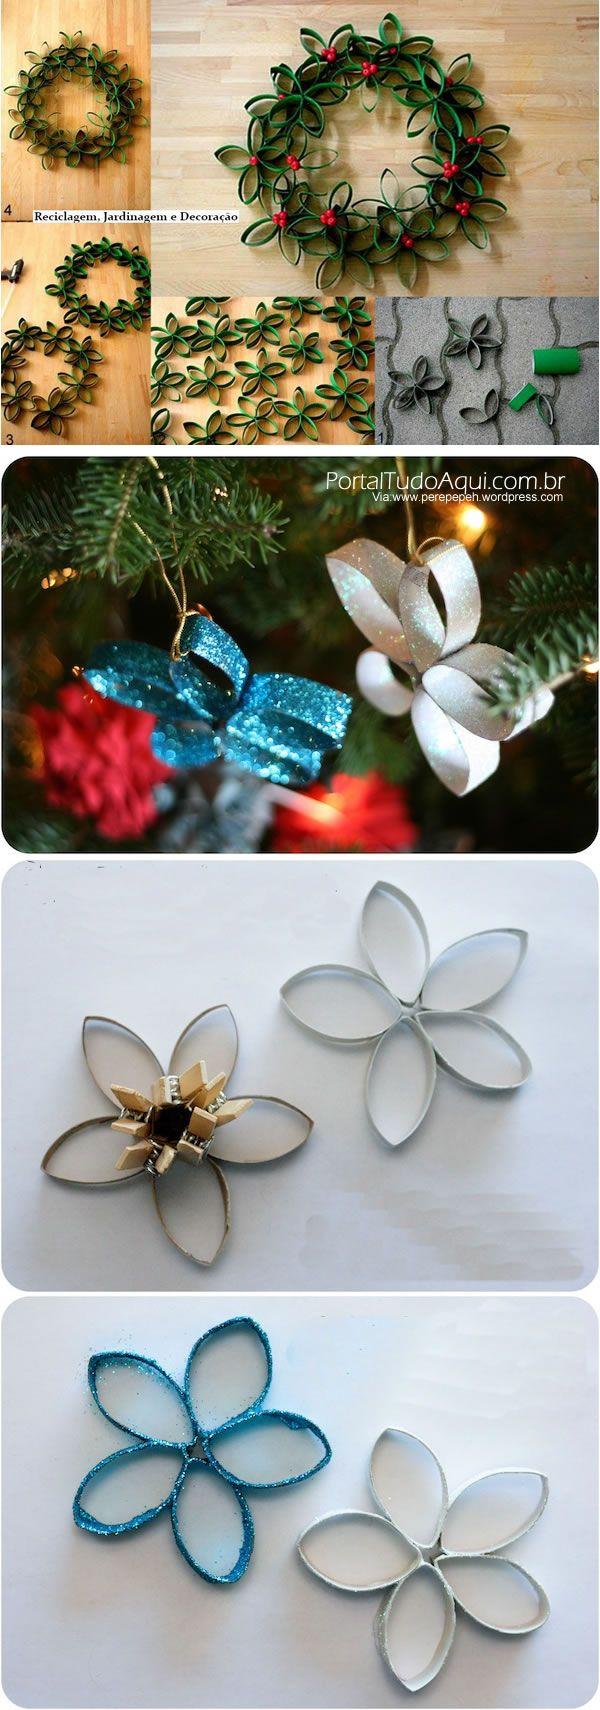 decoração-criativa-baratinha-simples-para-Natal-flor-rolo-papel-higiêncino-reciclado: